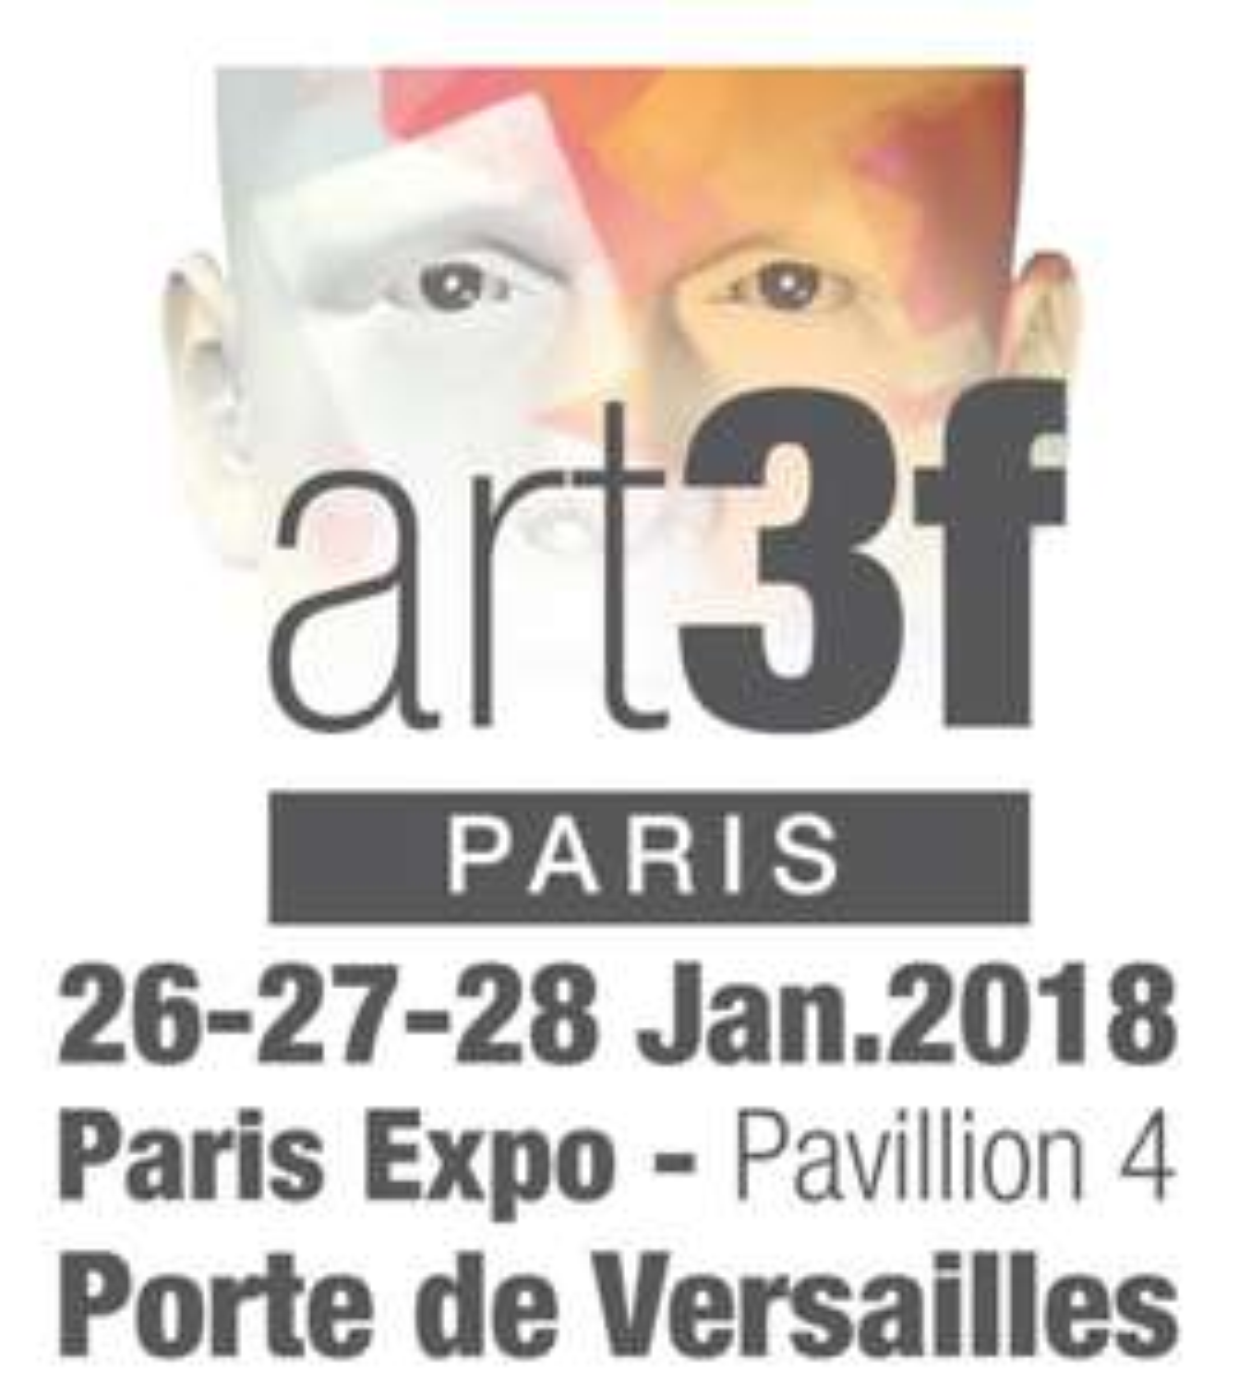 Billet gratuit pour le salon international d'art contemporain du 26 au 28 janvier